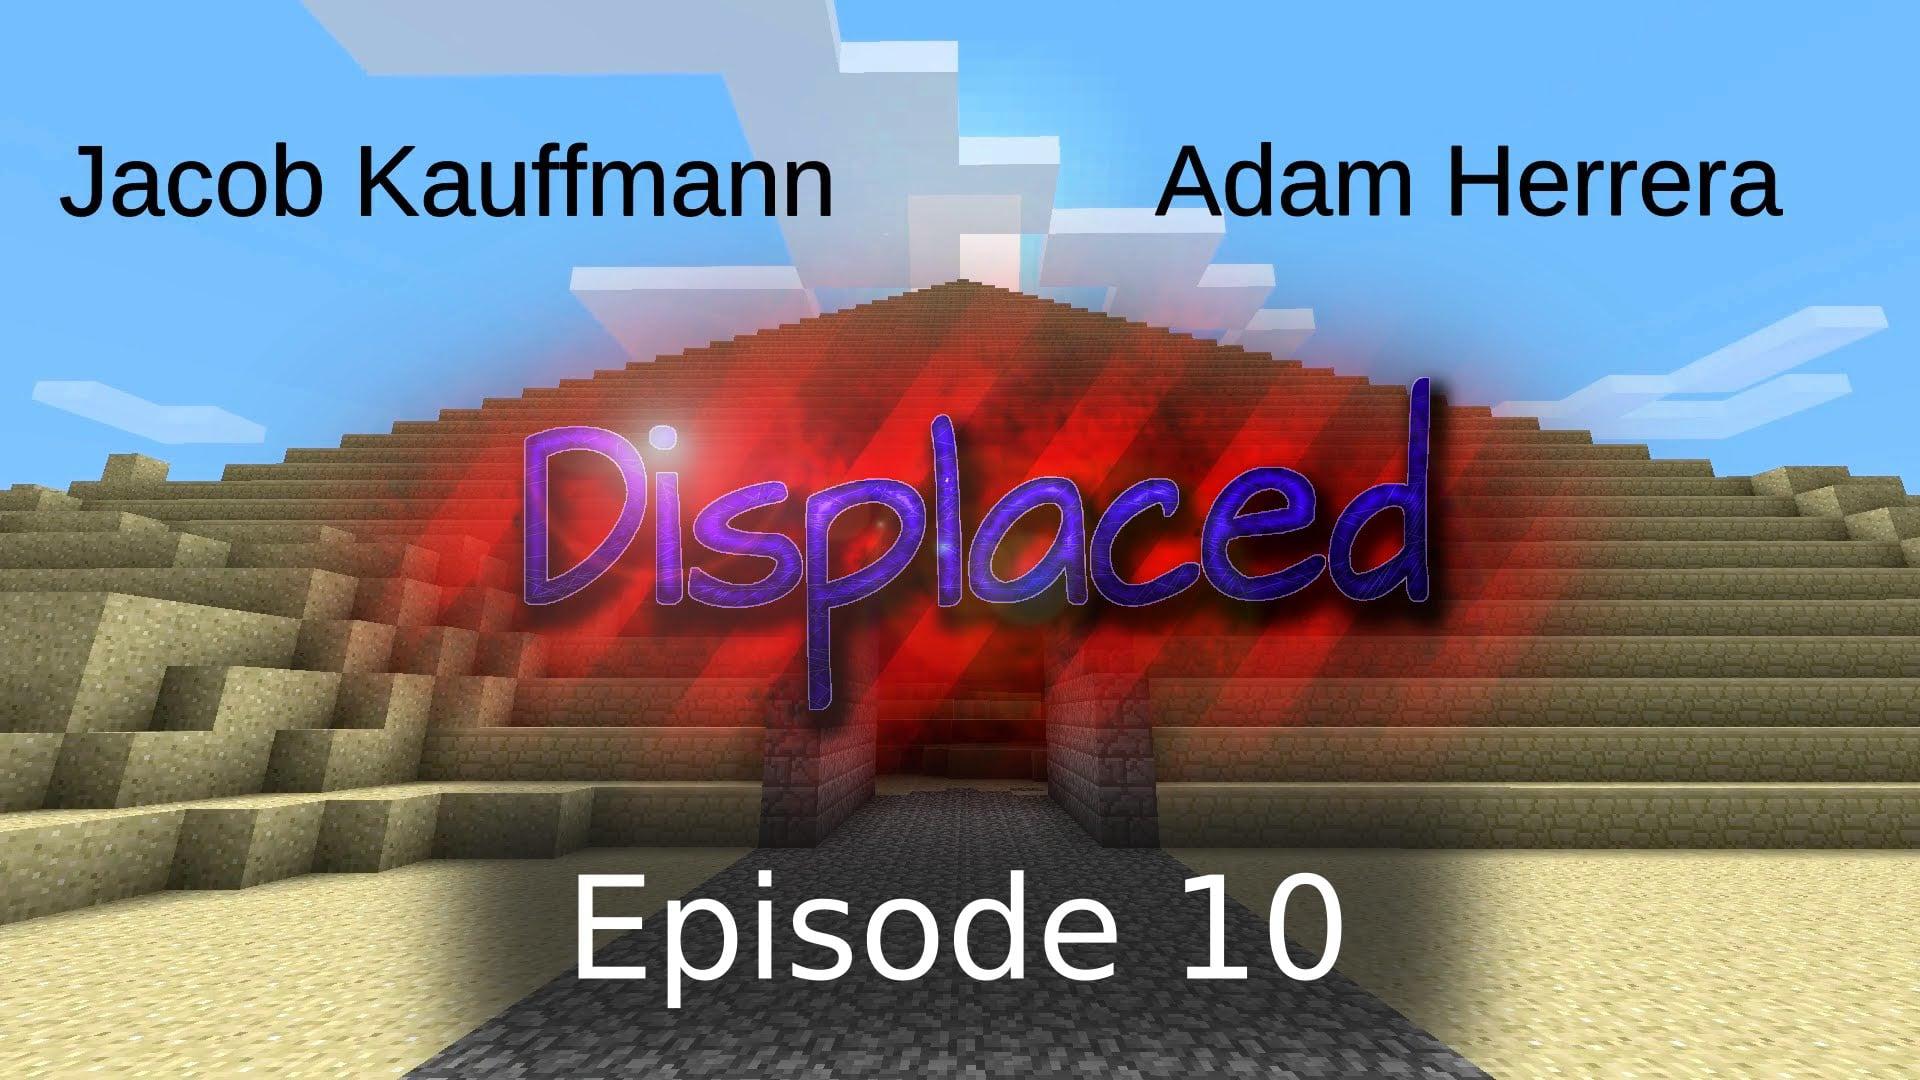 Episode 11 - Displaced